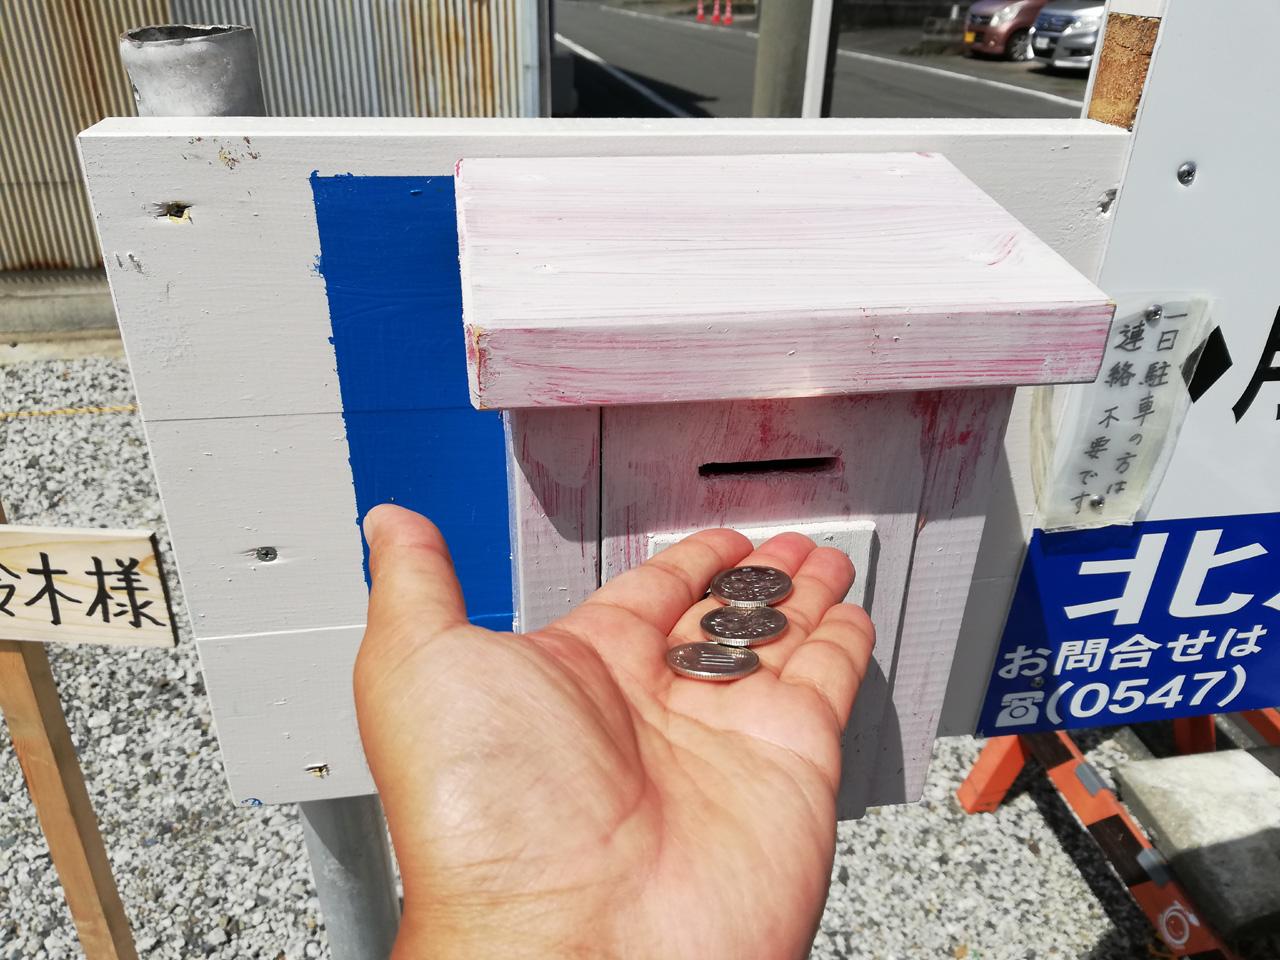 駐車場代の300円を払う